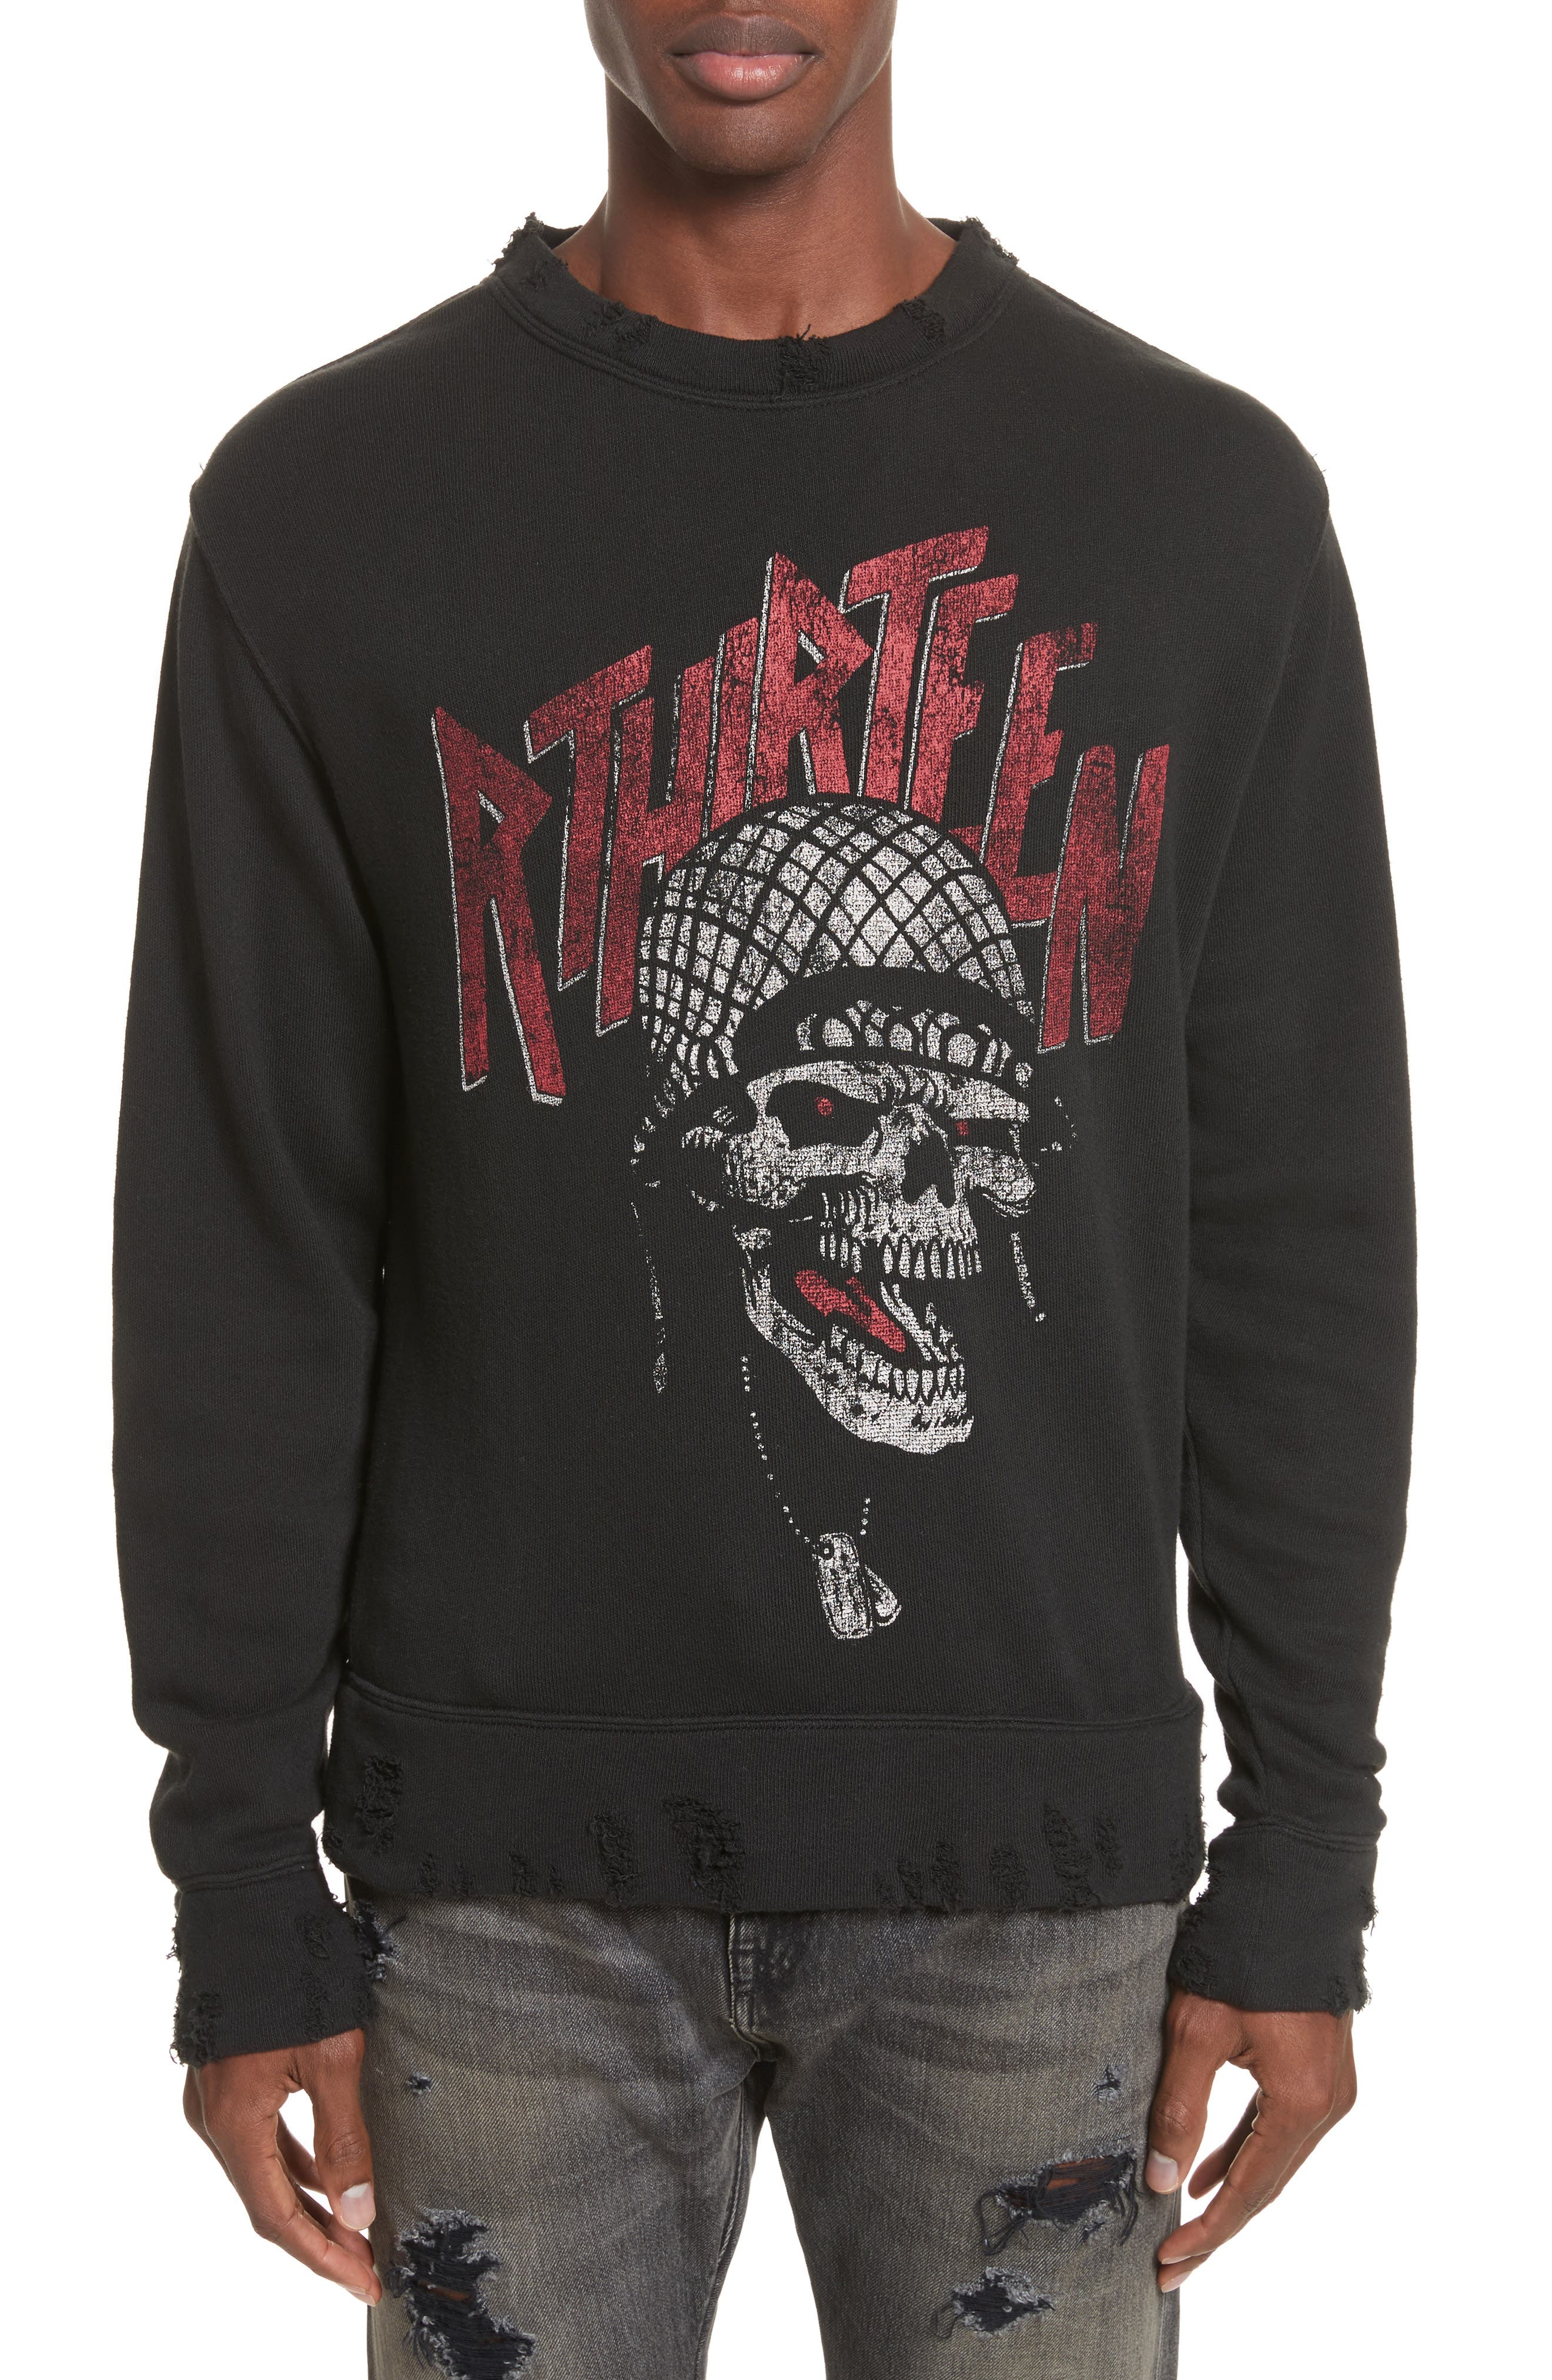 Battle Punk Graphic Sweatshirt,                             Main thumbnail 1, color,                             001